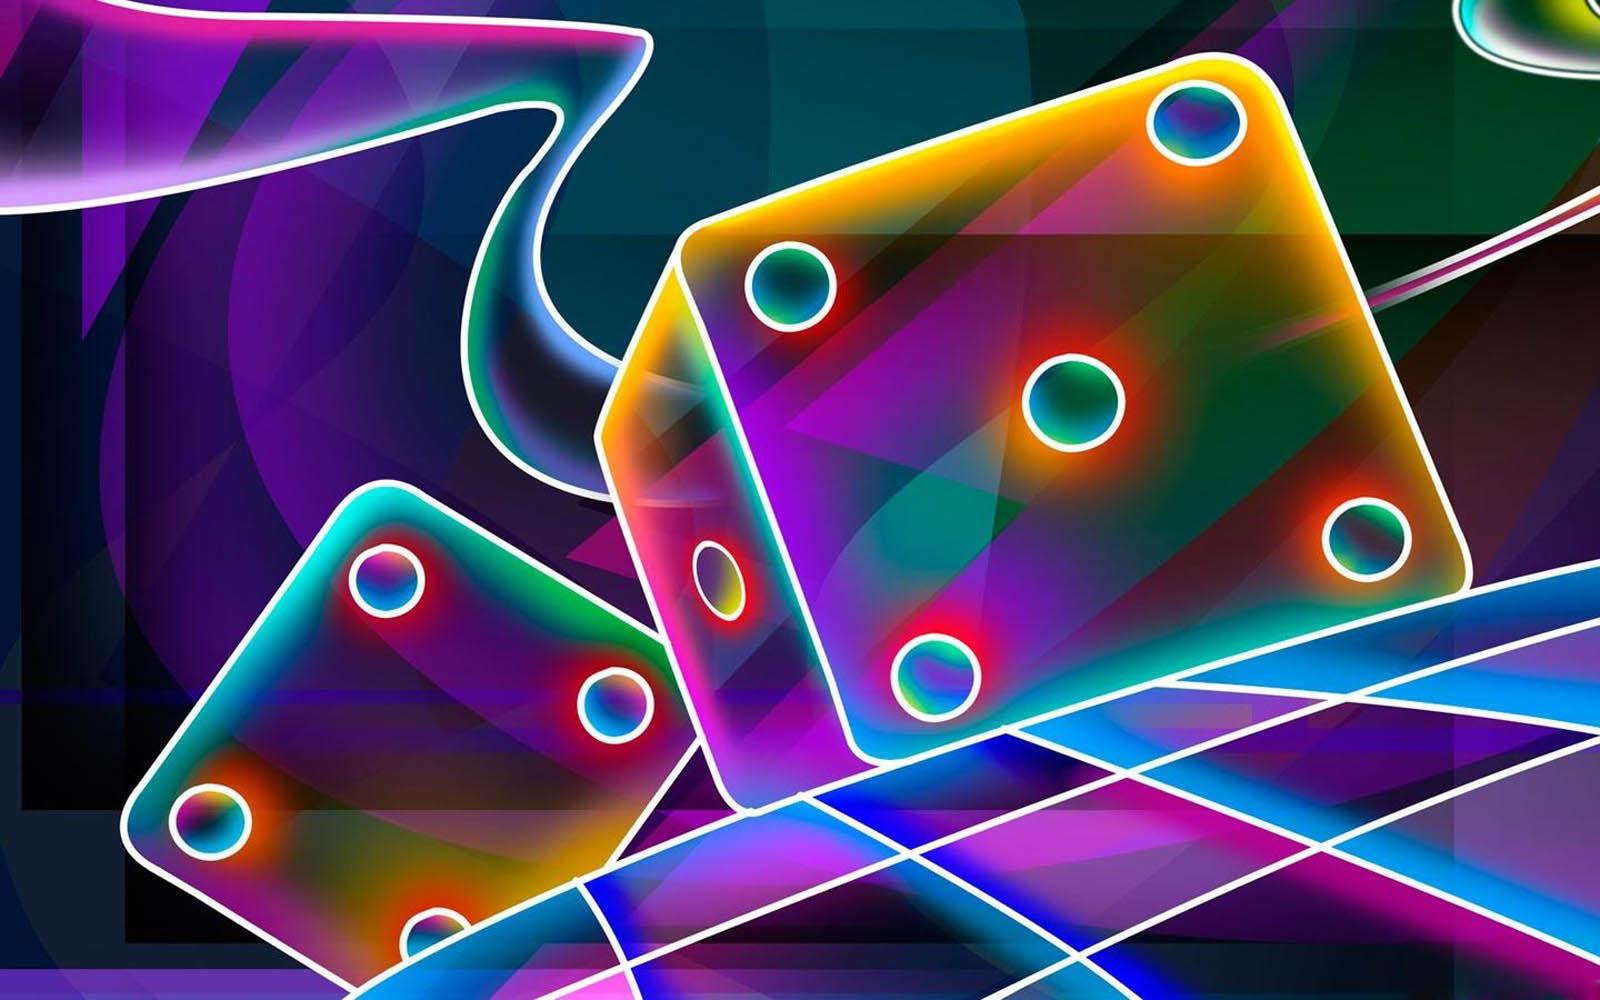 Neon Art Wallpapers Hd Wallpapers 1600x1000